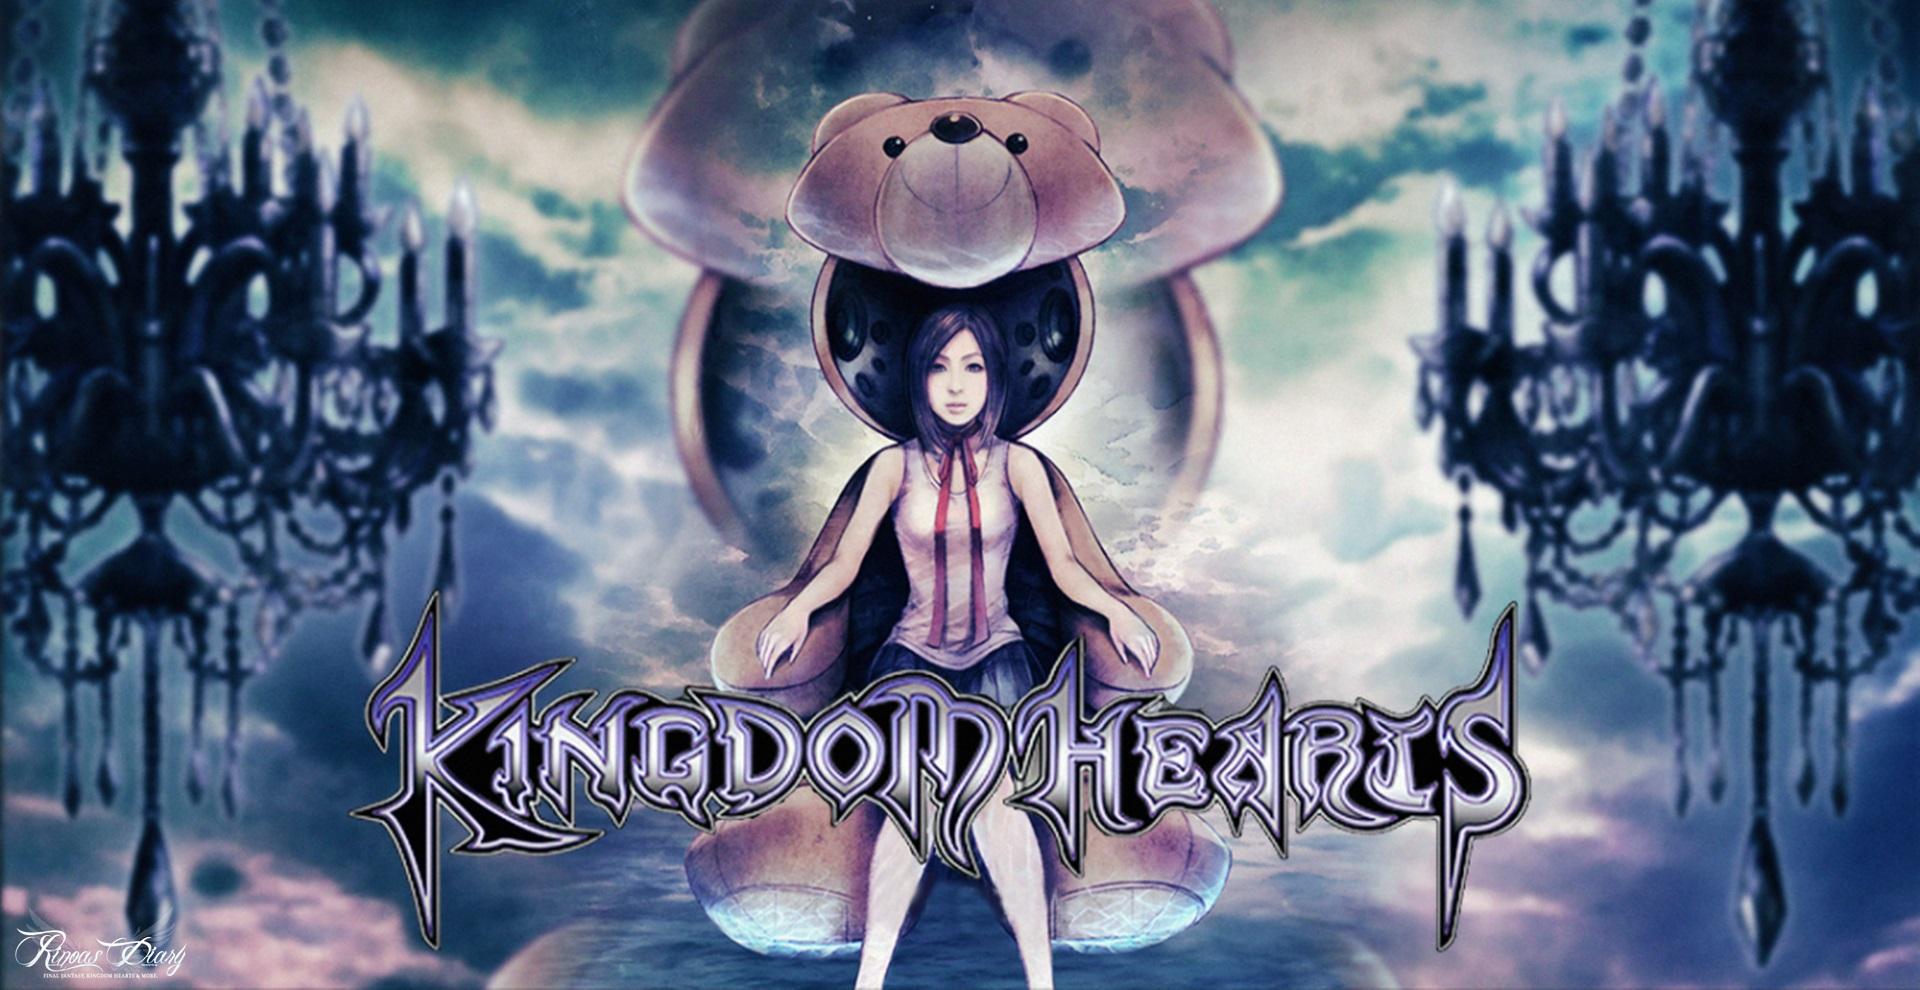 Le differenze nei testi inglese e giapponese di Don't Think Twice / Chikai, theme song di Kingdom Hearts III!